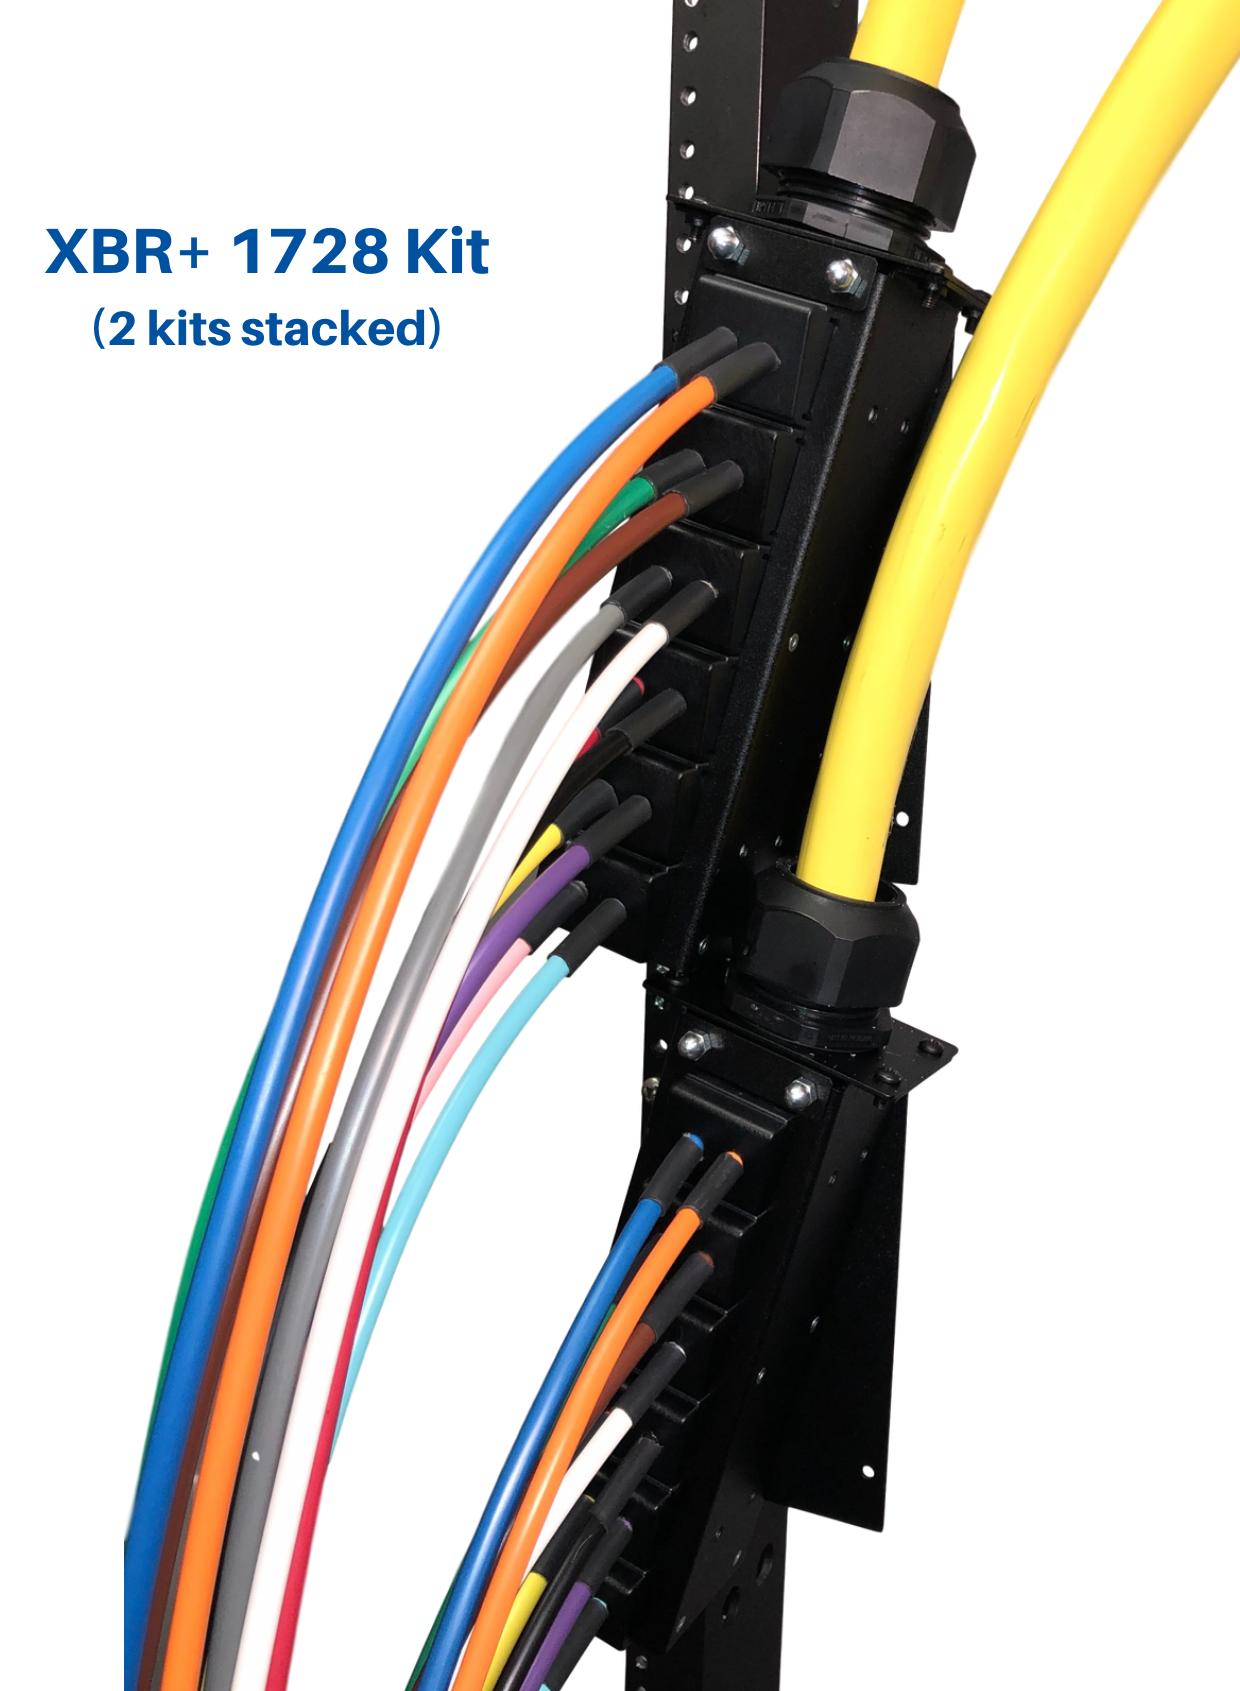 XBR+ 1728 x 2 Kits